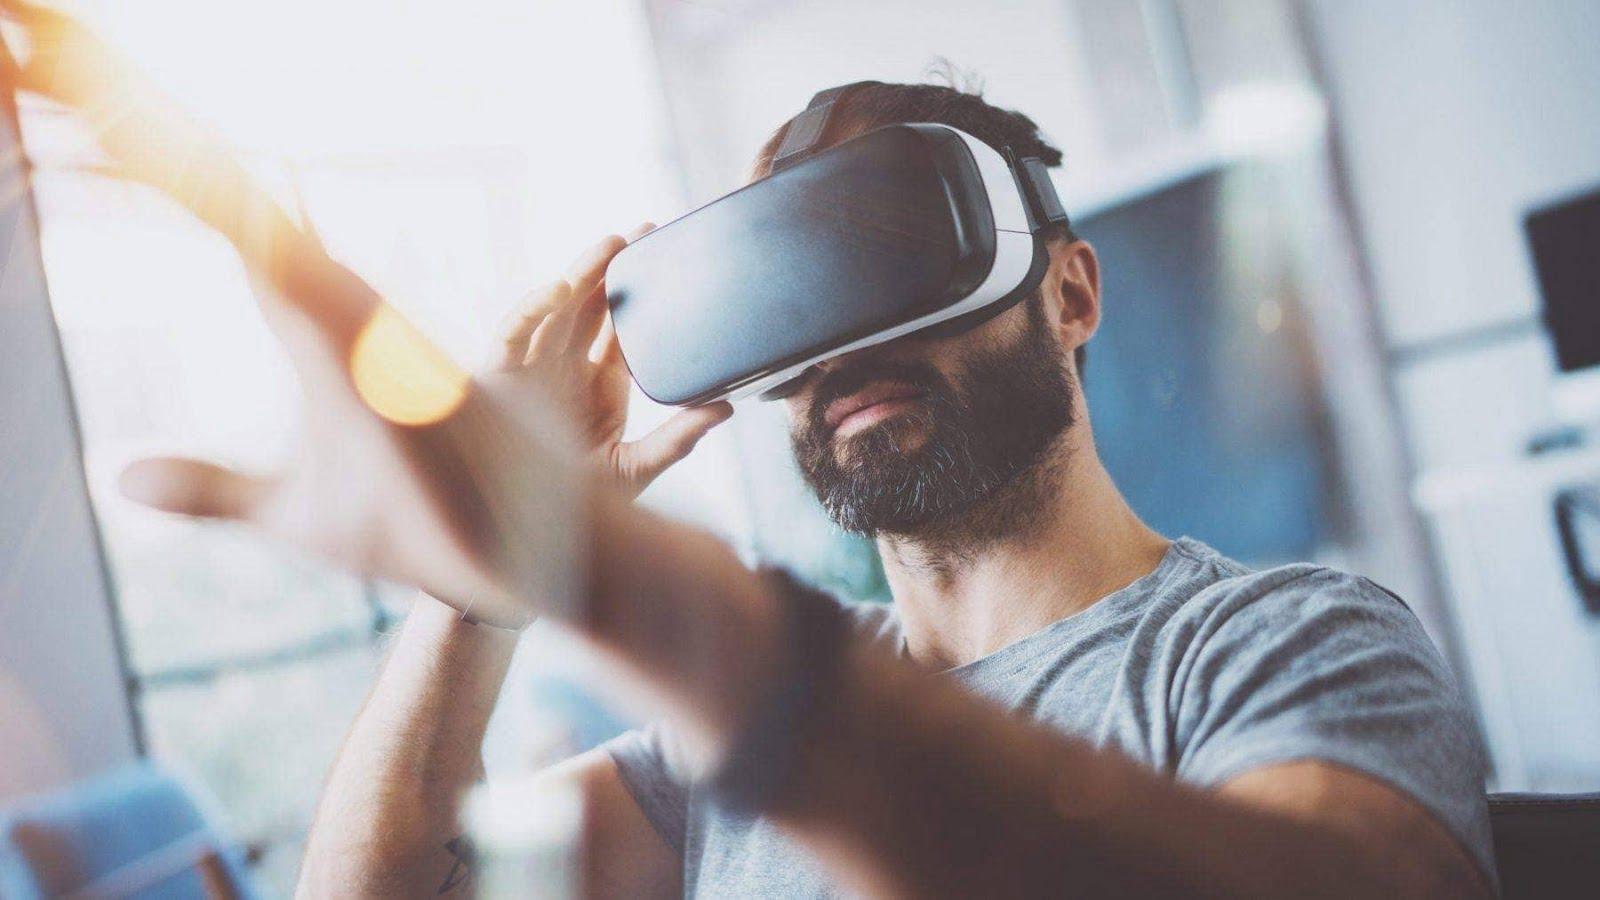 أفضل تجارب الواقع الافتراضي الاجتماعية للتواصل مع الأصدقاء